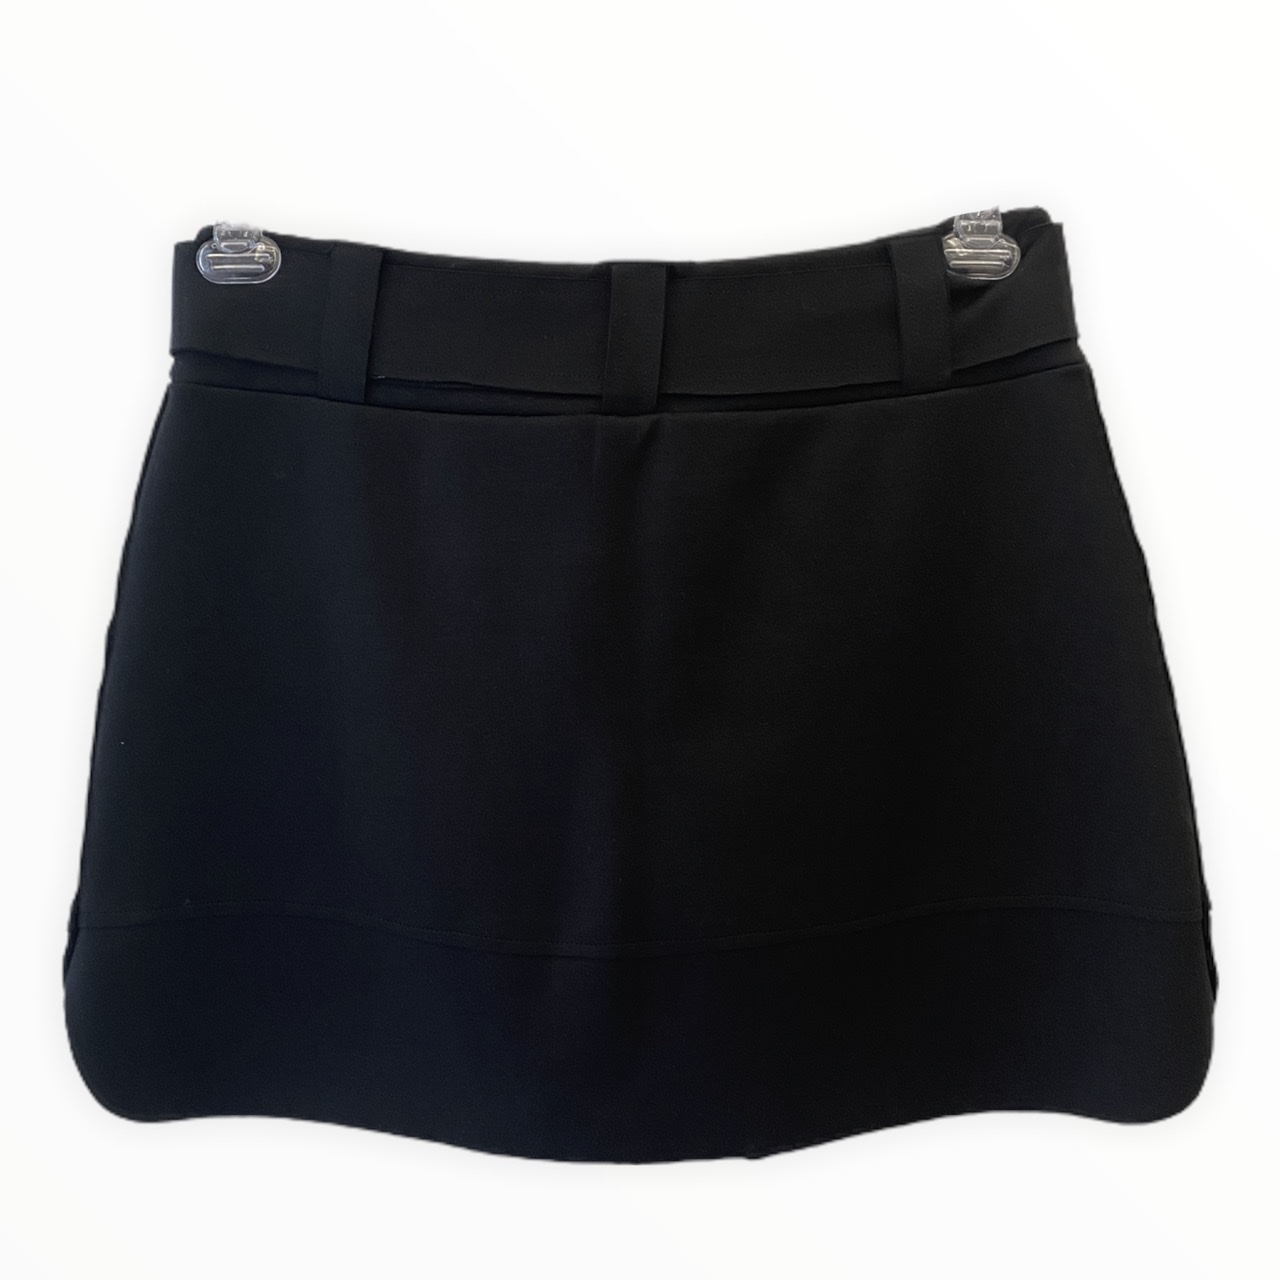 Saia-shorts em neoprene preto com faixa